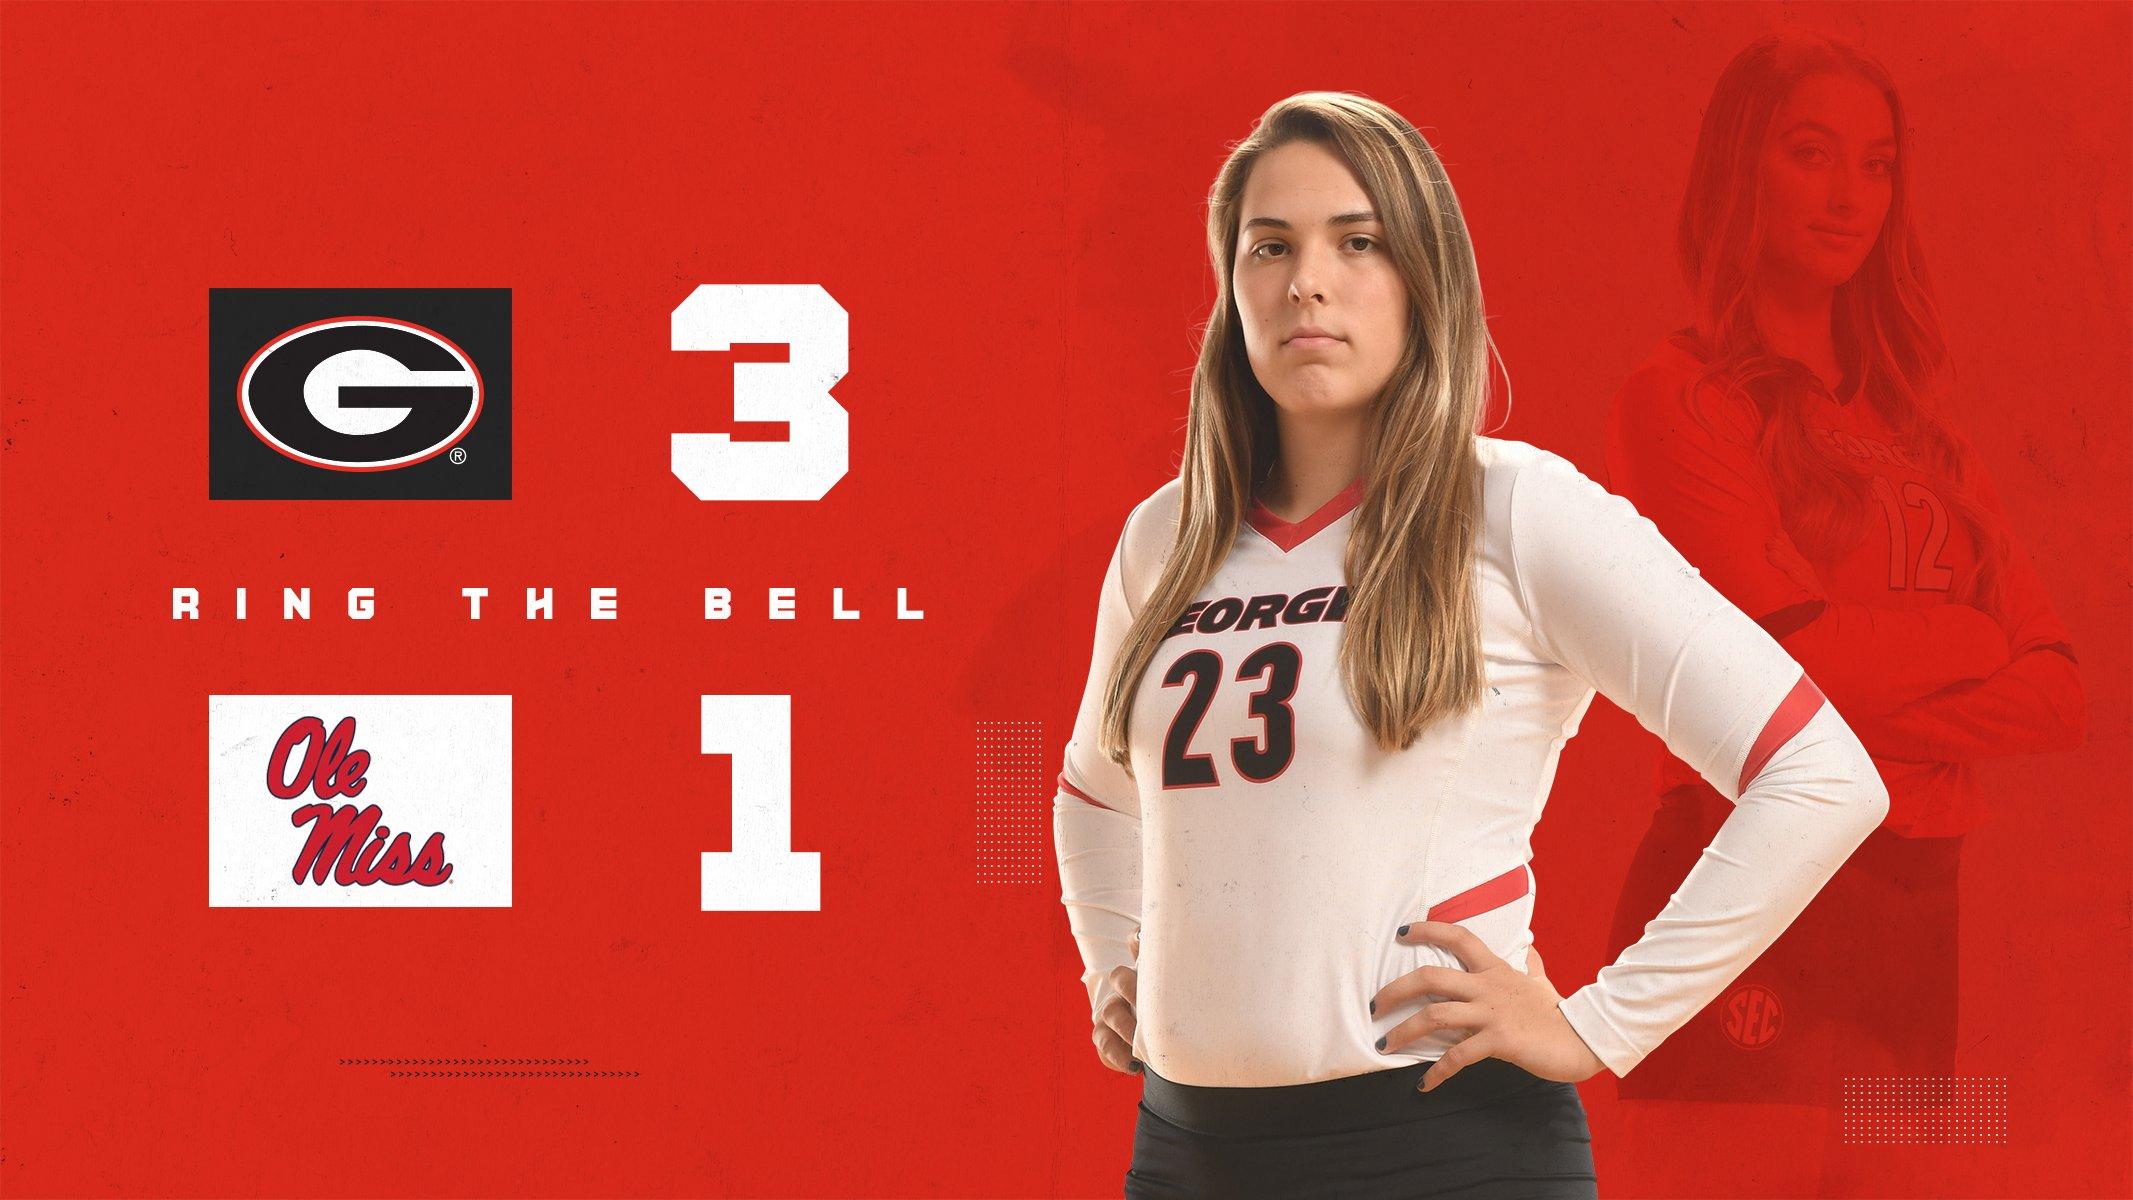 Photo: Georgia Volleyball - Kacie Evans (23) - University of Georgia Athletics